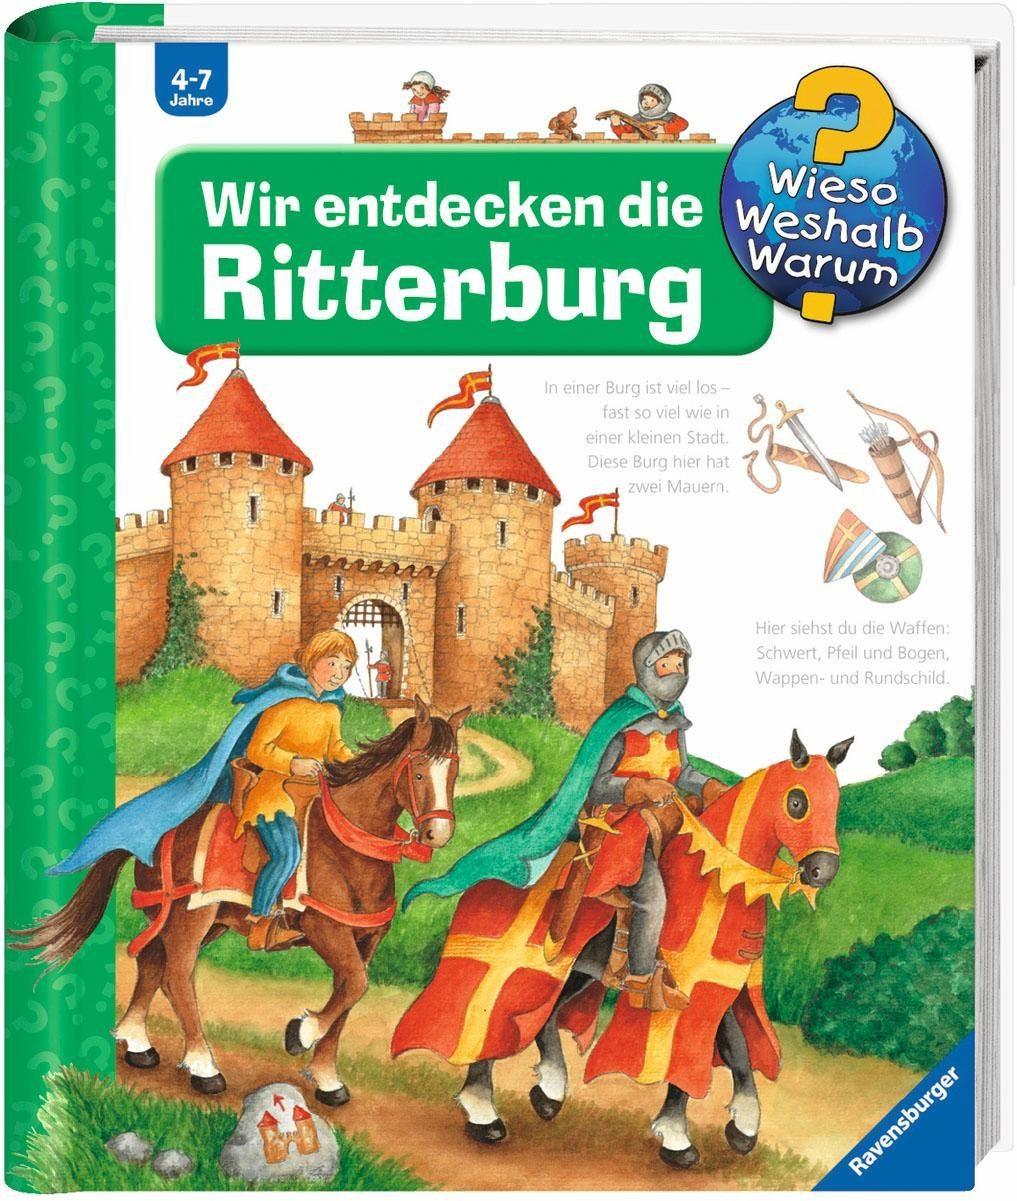 Ravensburger Kinderbuch, »Wir entdecken die Ritterburg / Wieso? Weshalb? Warum?«